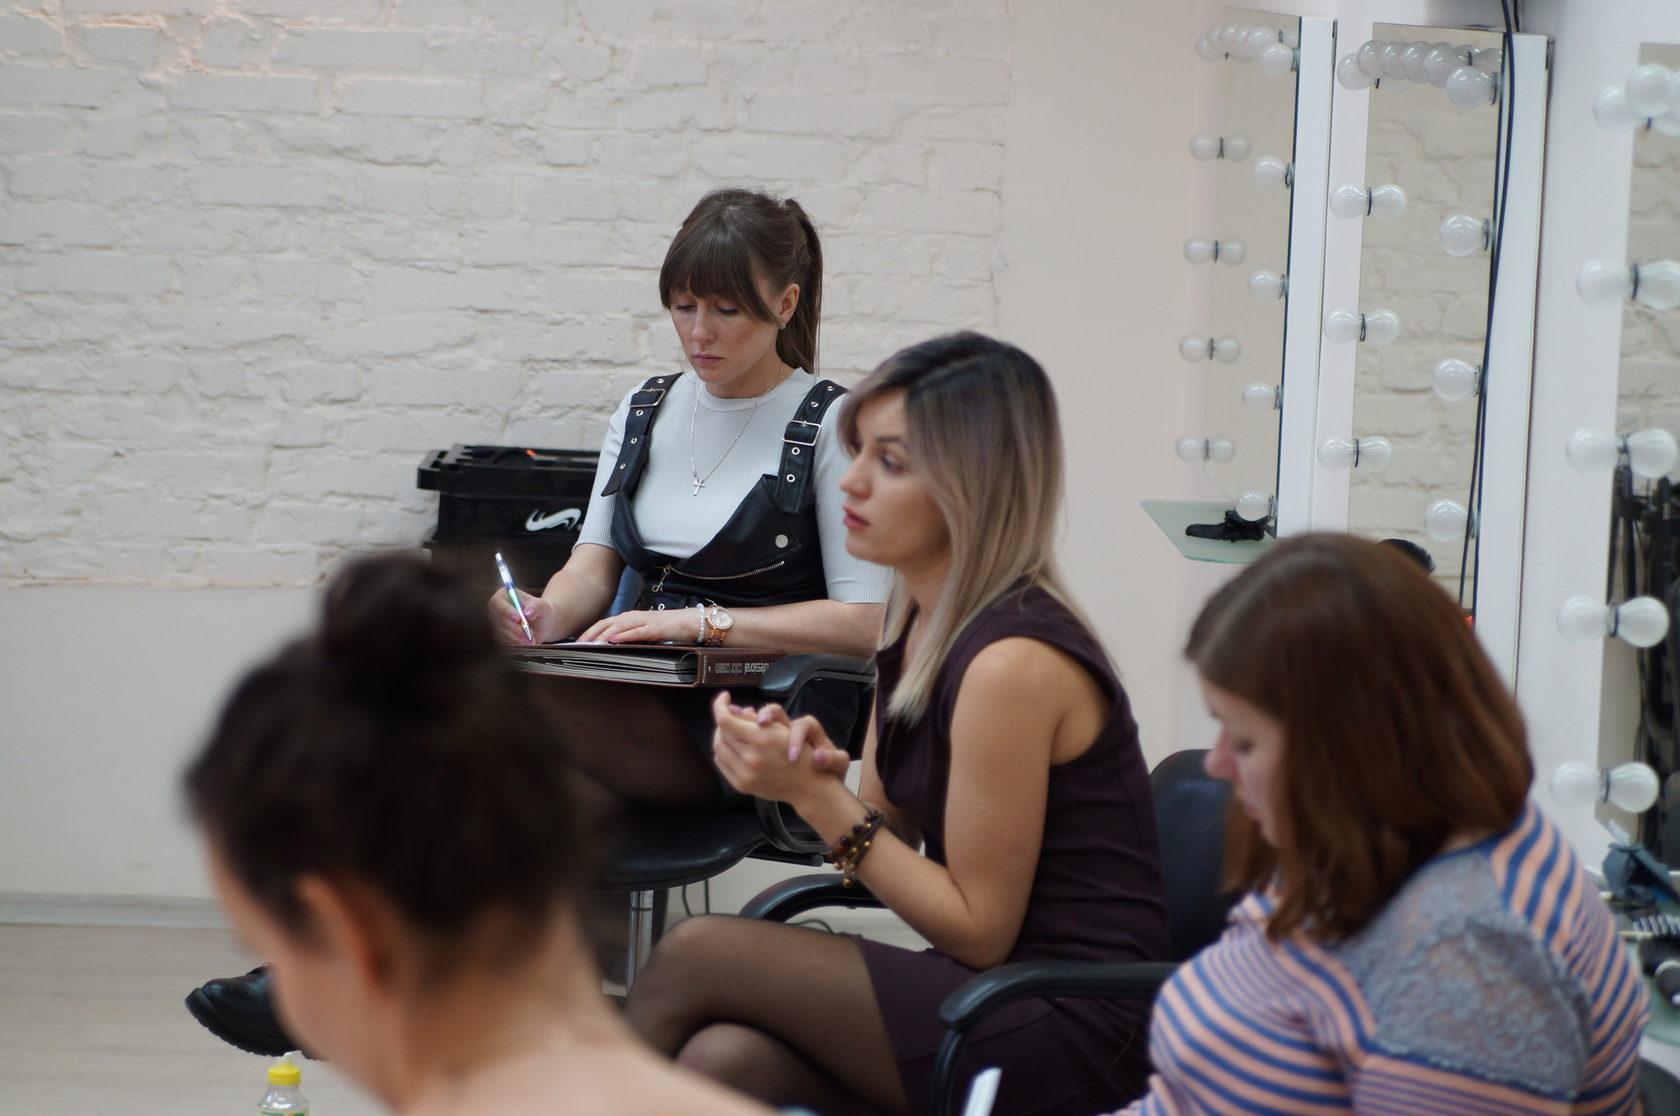 предлагаем курсы спортивного фотографа в москве с дипломом голову сможете